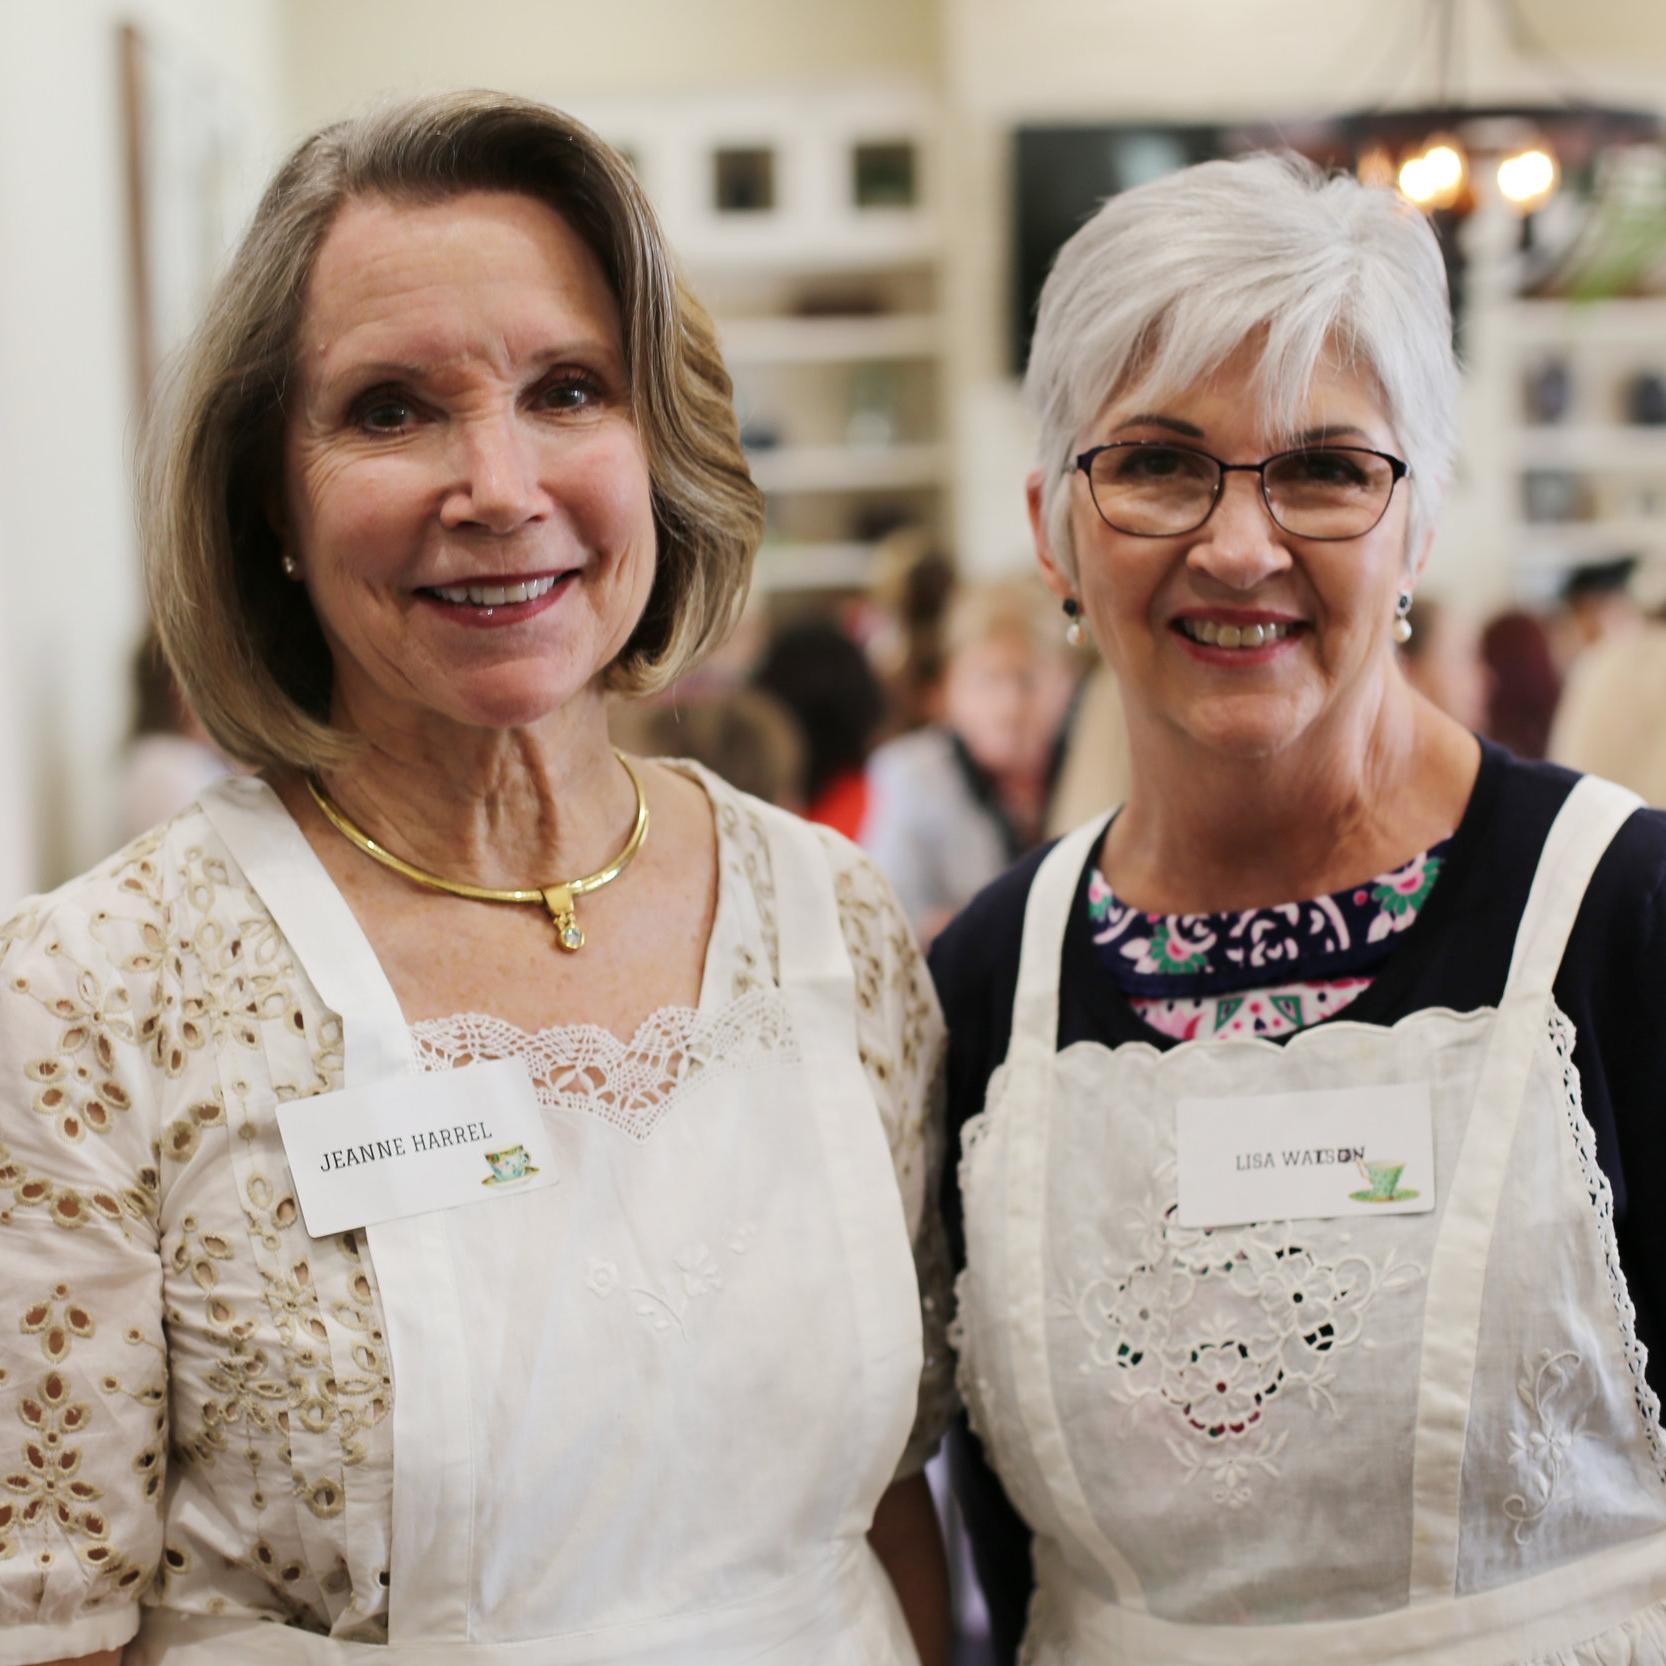 Jeanne Harrel and Lisa Watson